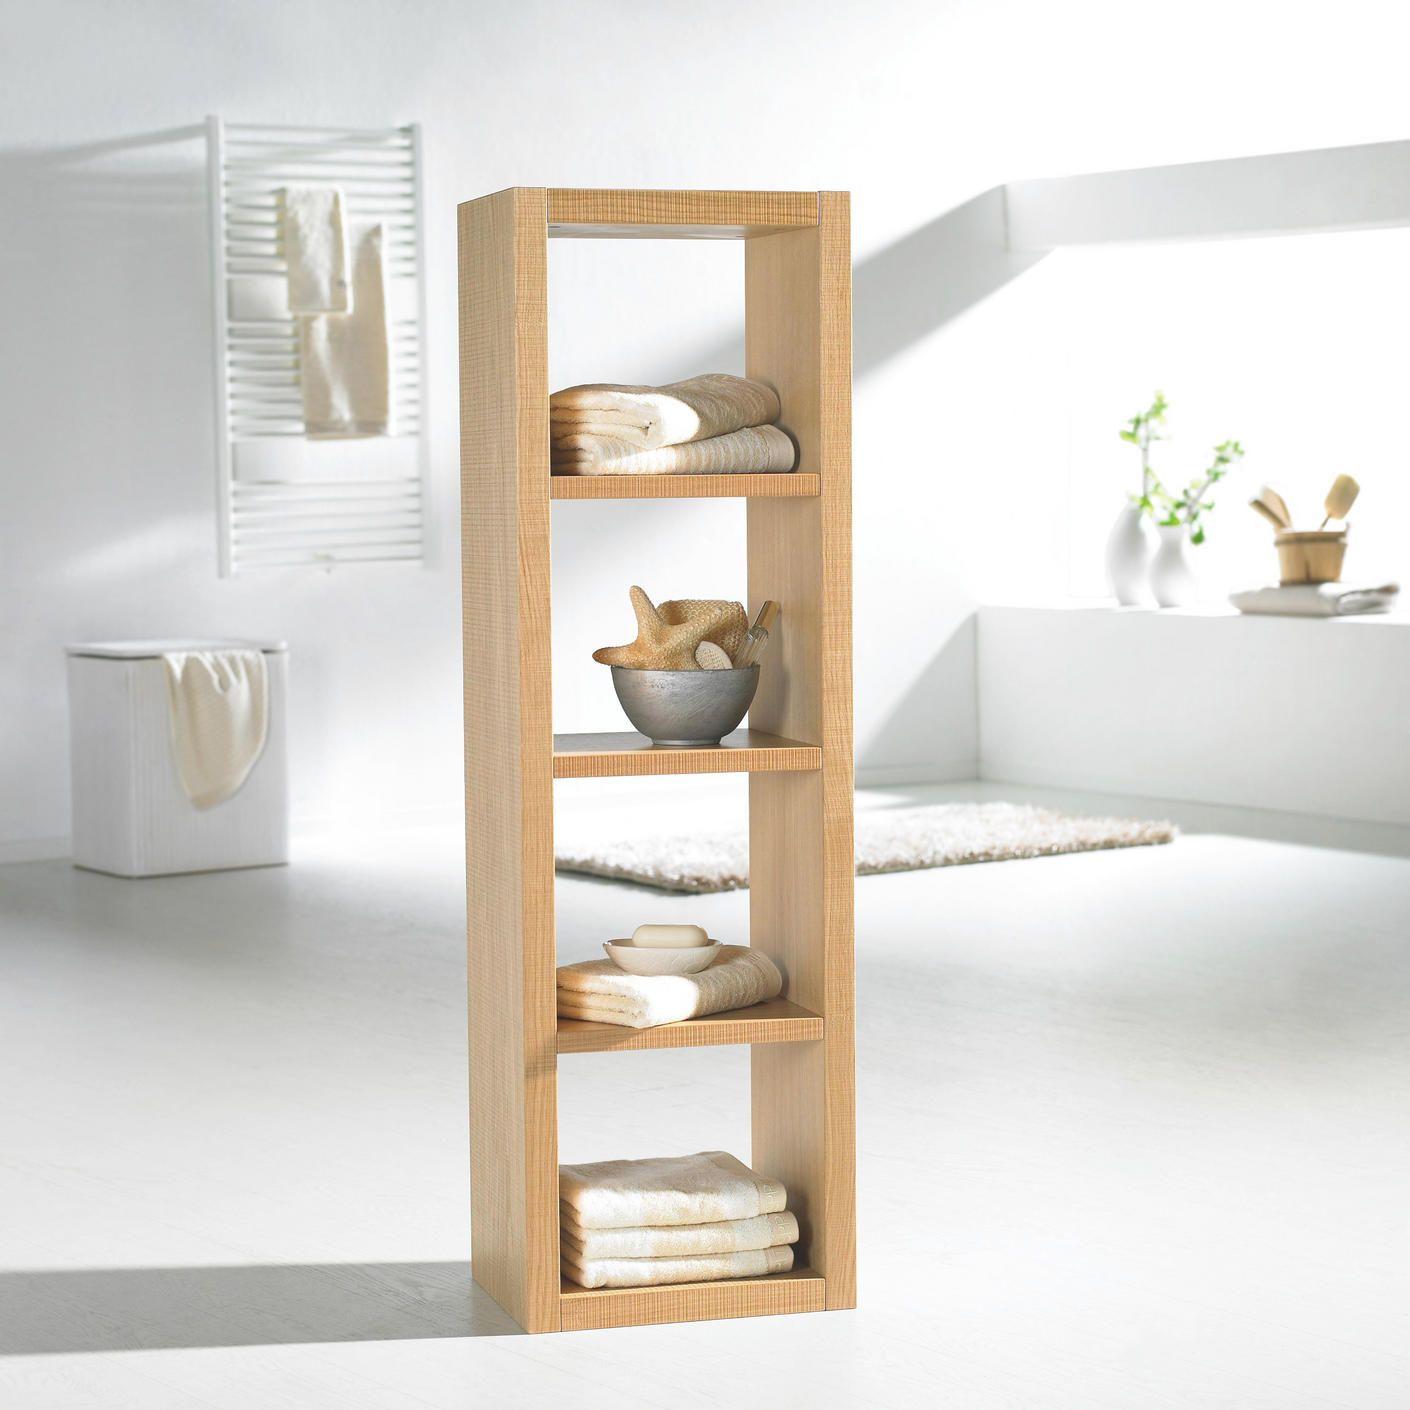 Regal In 40 167 30 Cm Weiss Eichefarben Online Kaufen Xxxlutz Badezimmer Regal Holz Regal Regal Holz